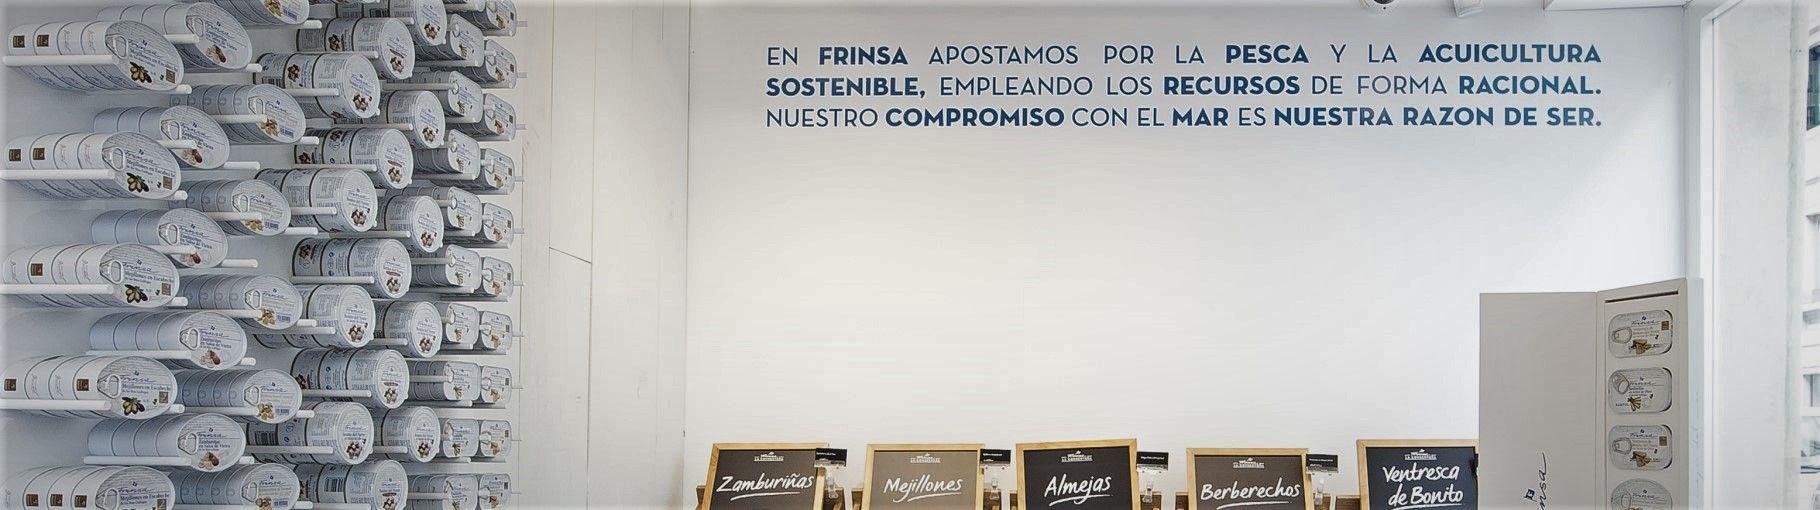 Frinsa La Conservera Bilbao